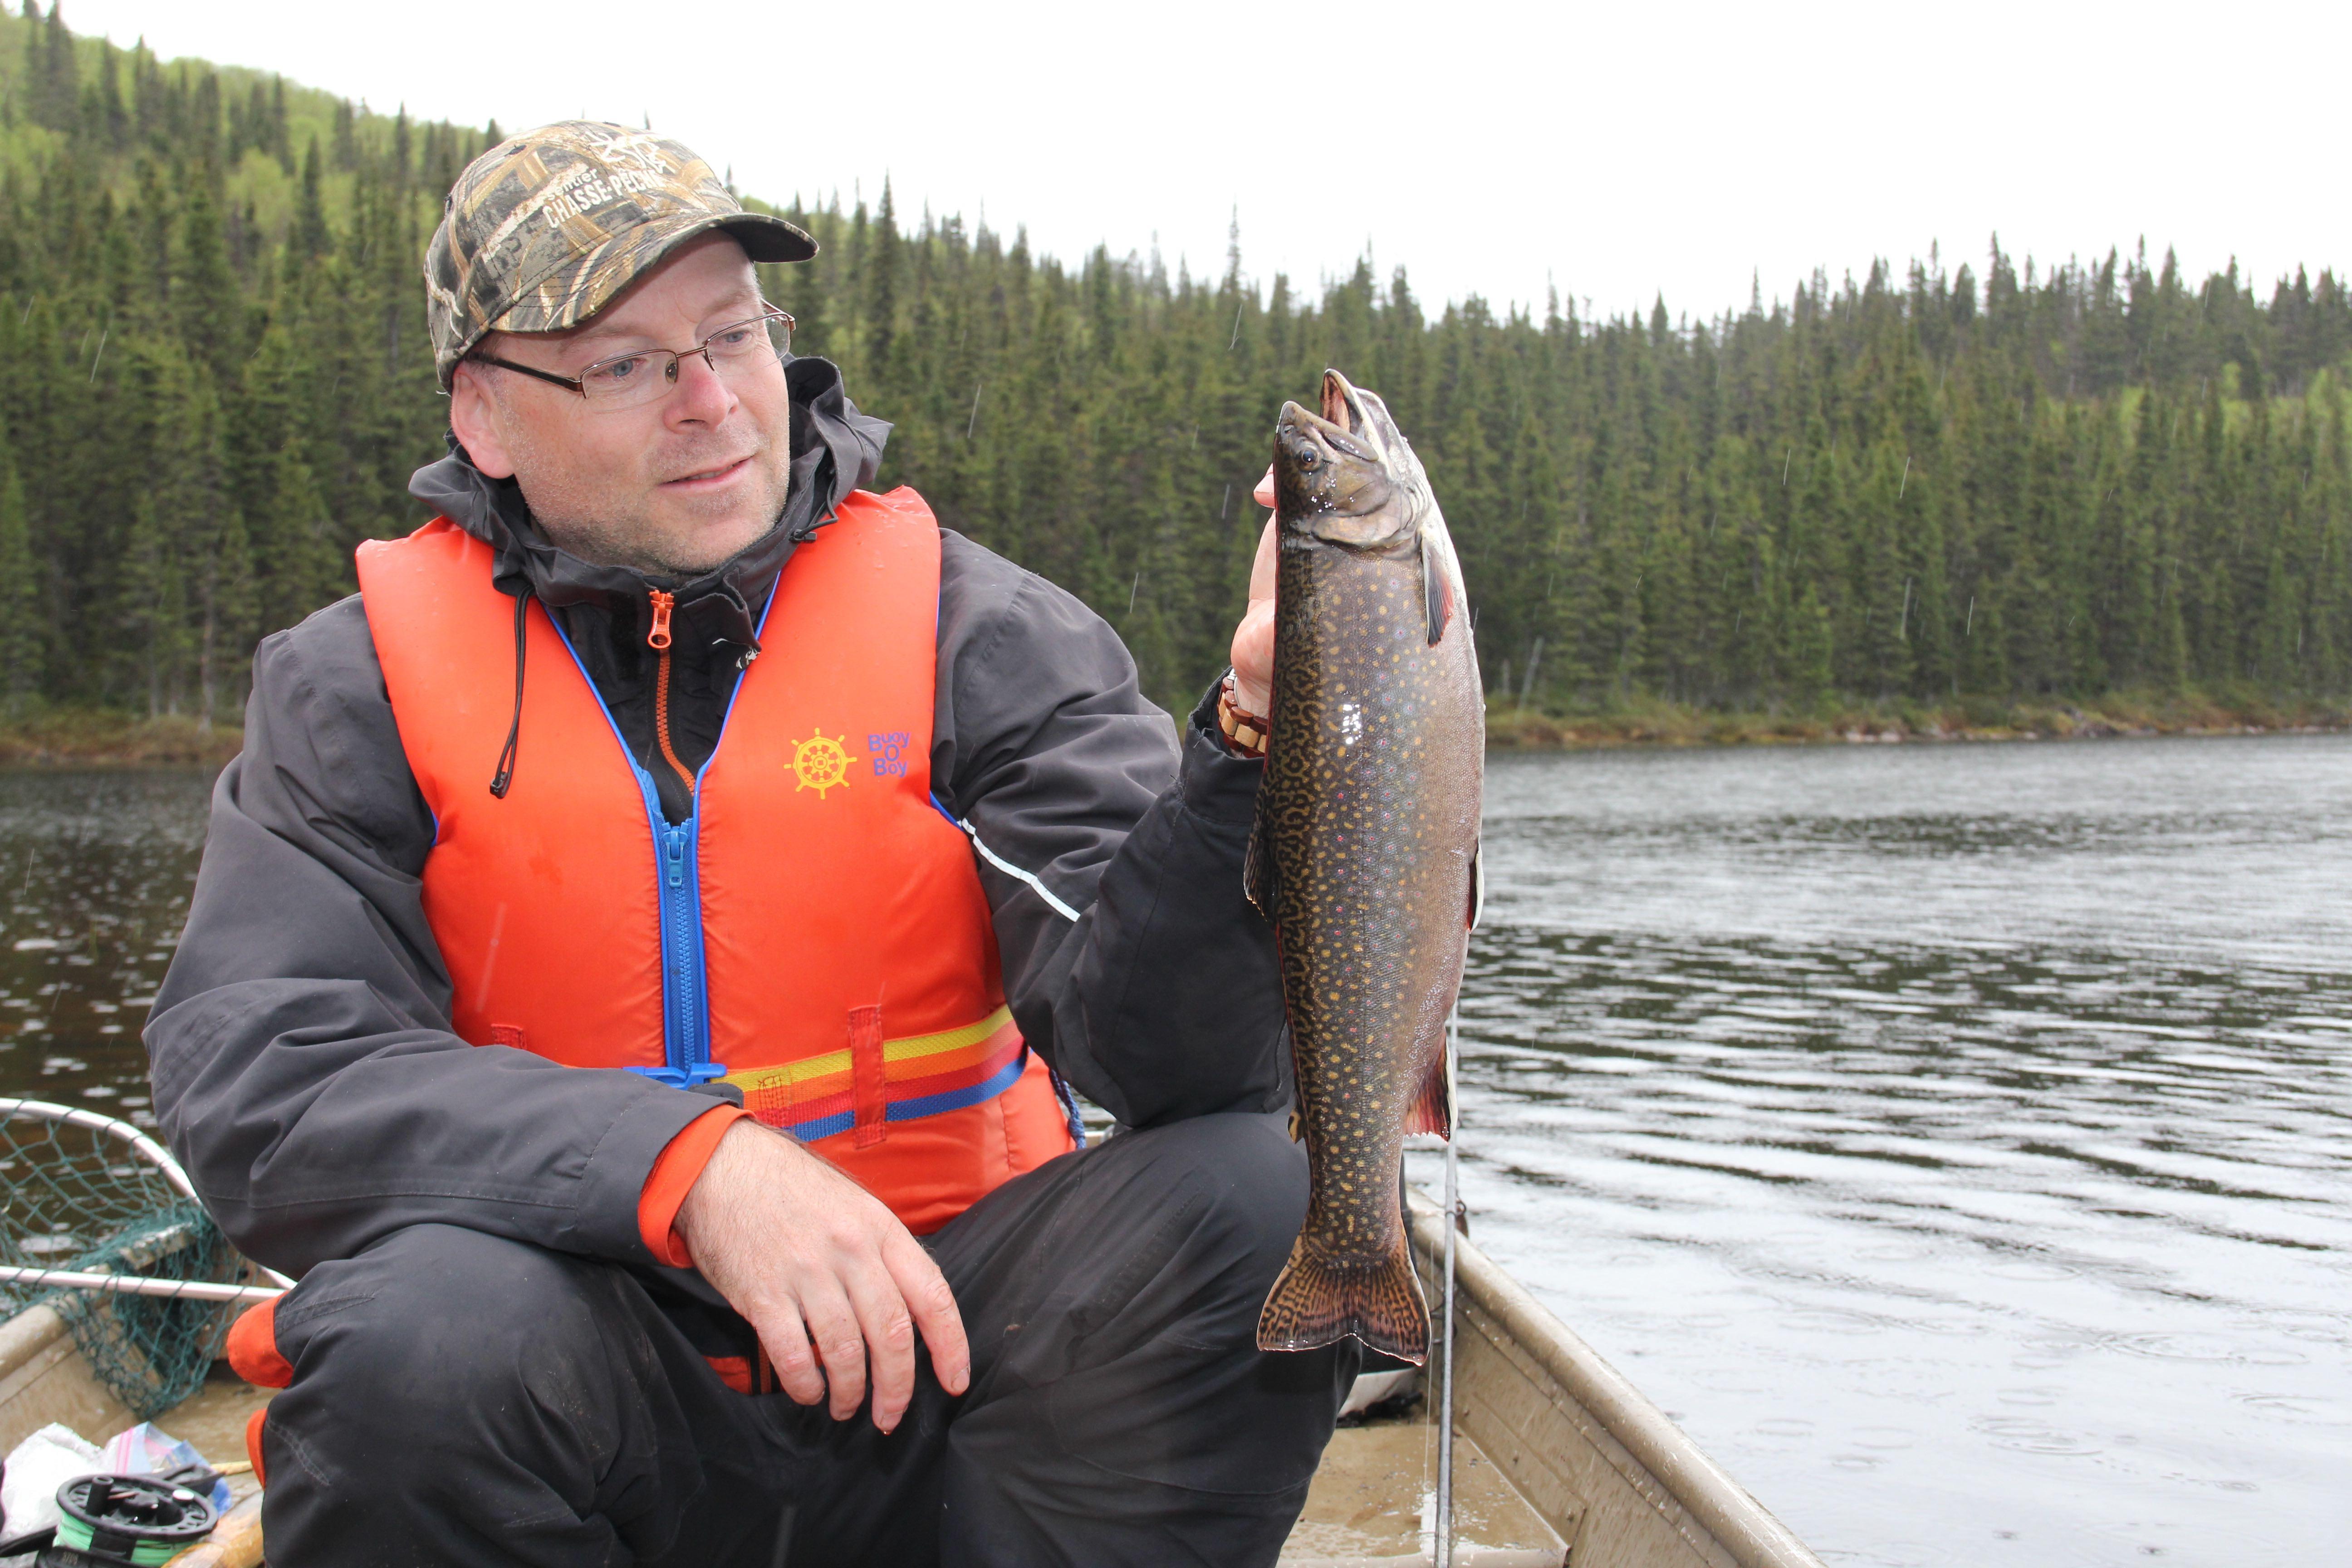 Inter le magasin tout pour la pêche